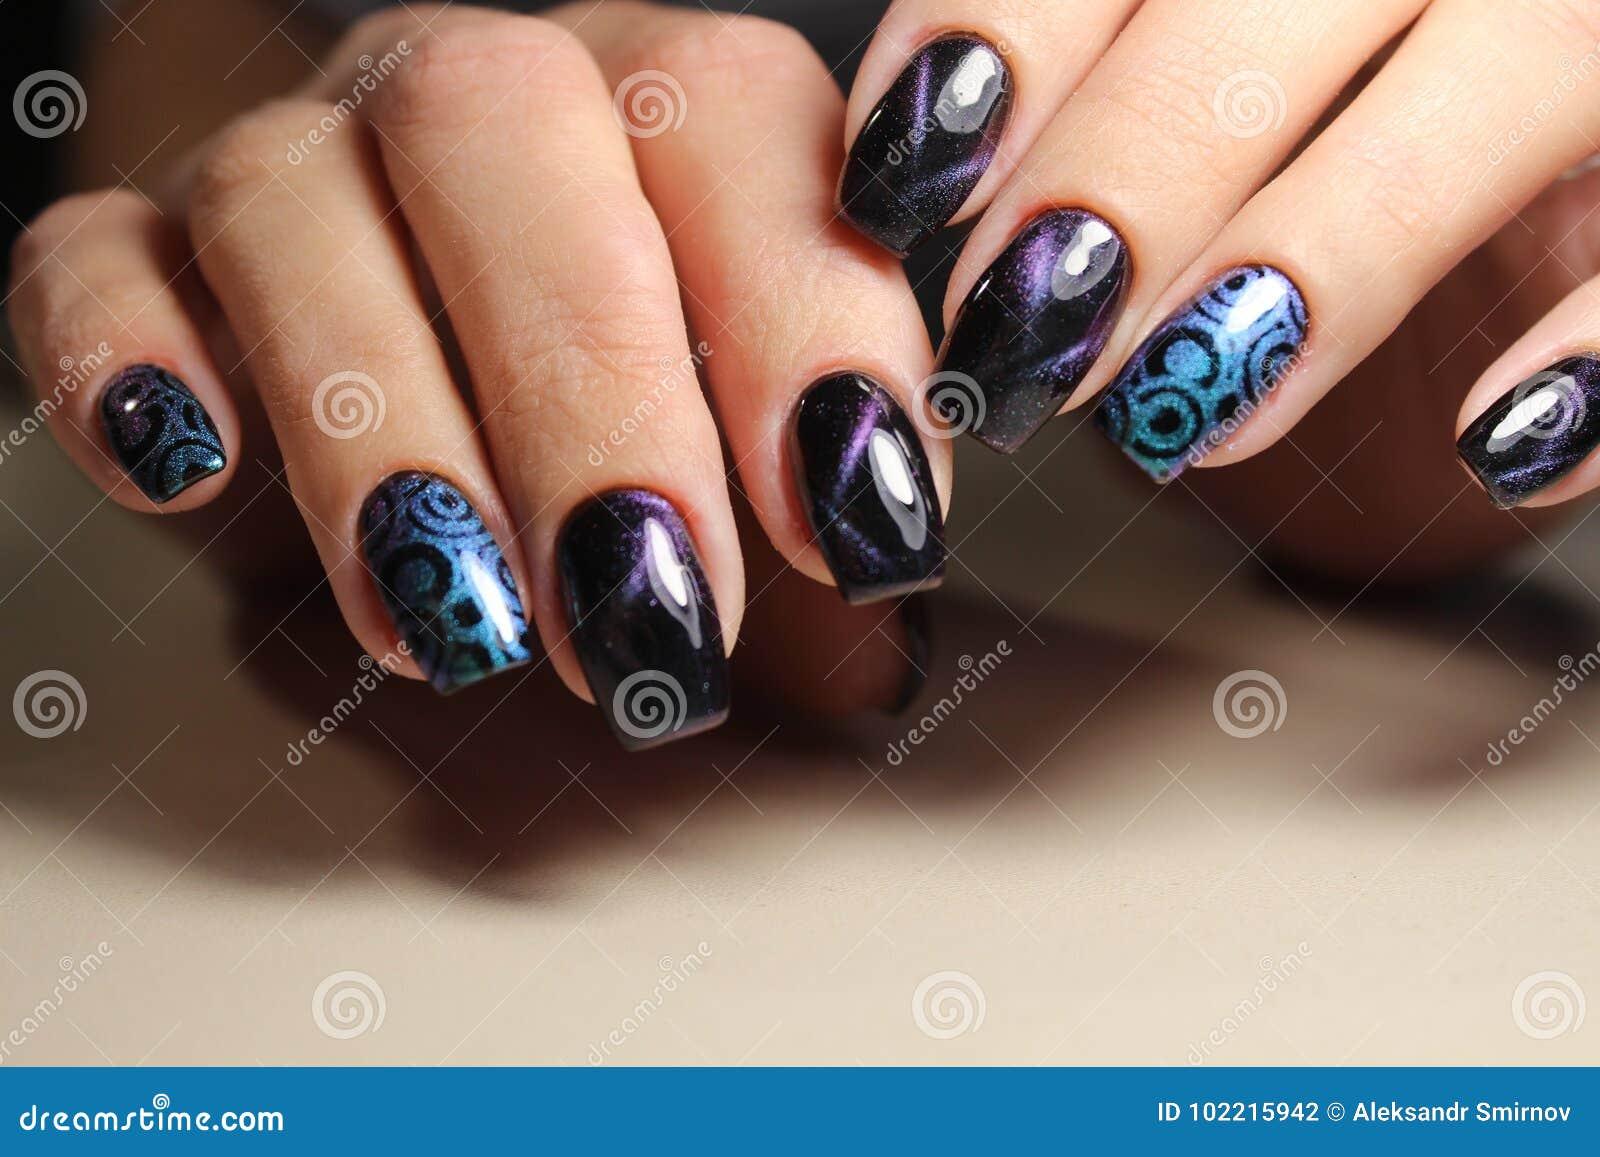 Beautiful Nail Art Manicure Stock Photo Image Of Colorful Closeup